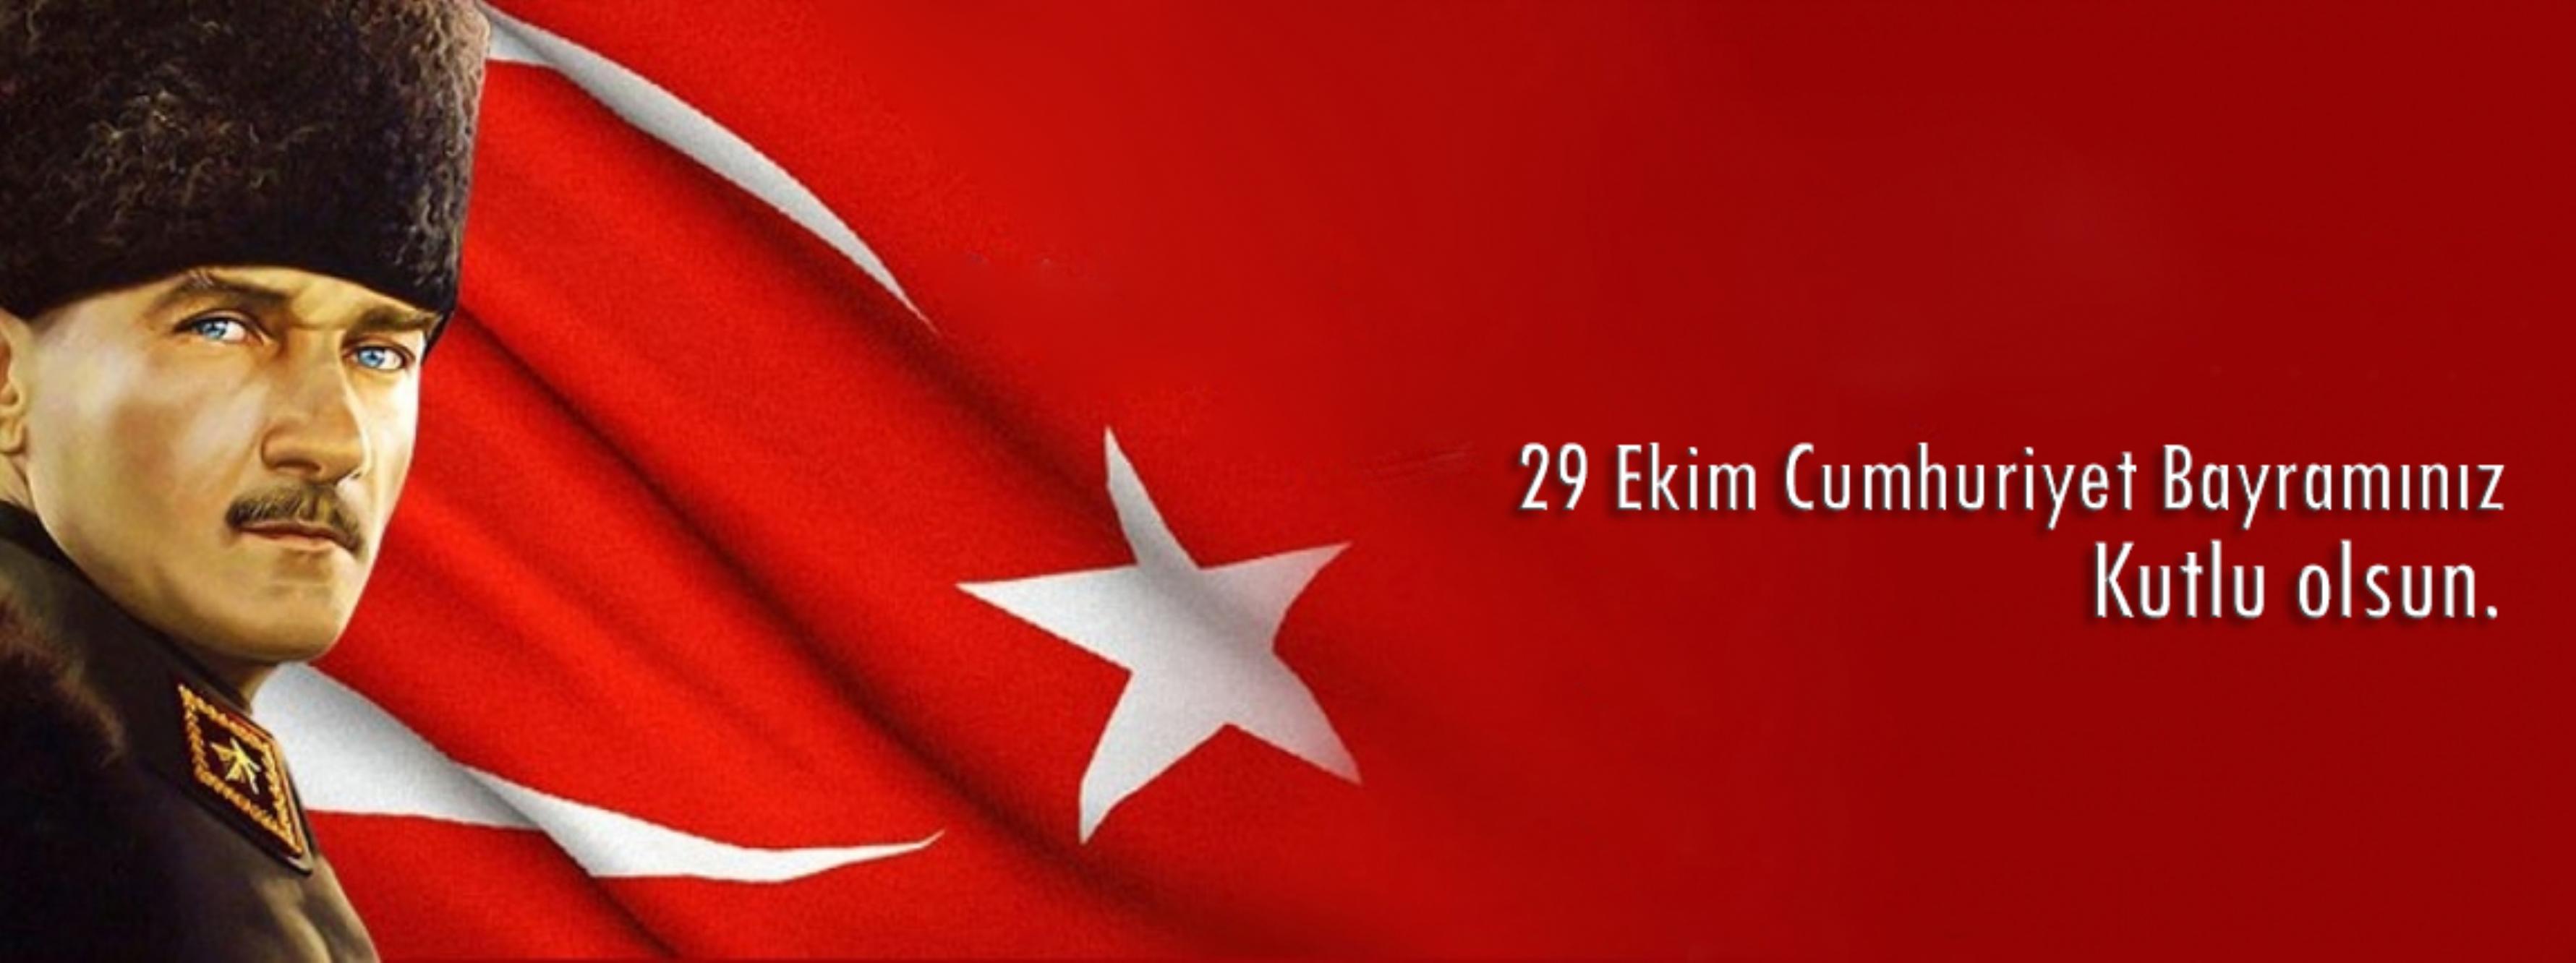 29_ekm_kutlu_olsun_30102015_092704.jpg